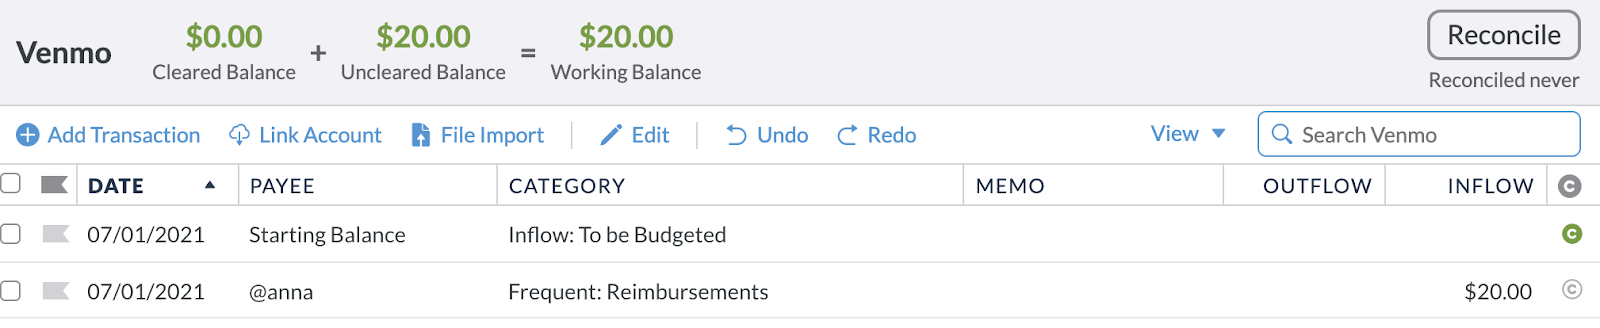 The reimbursement was categorized as an inflow to the Reimbursements category within the Venmo account.